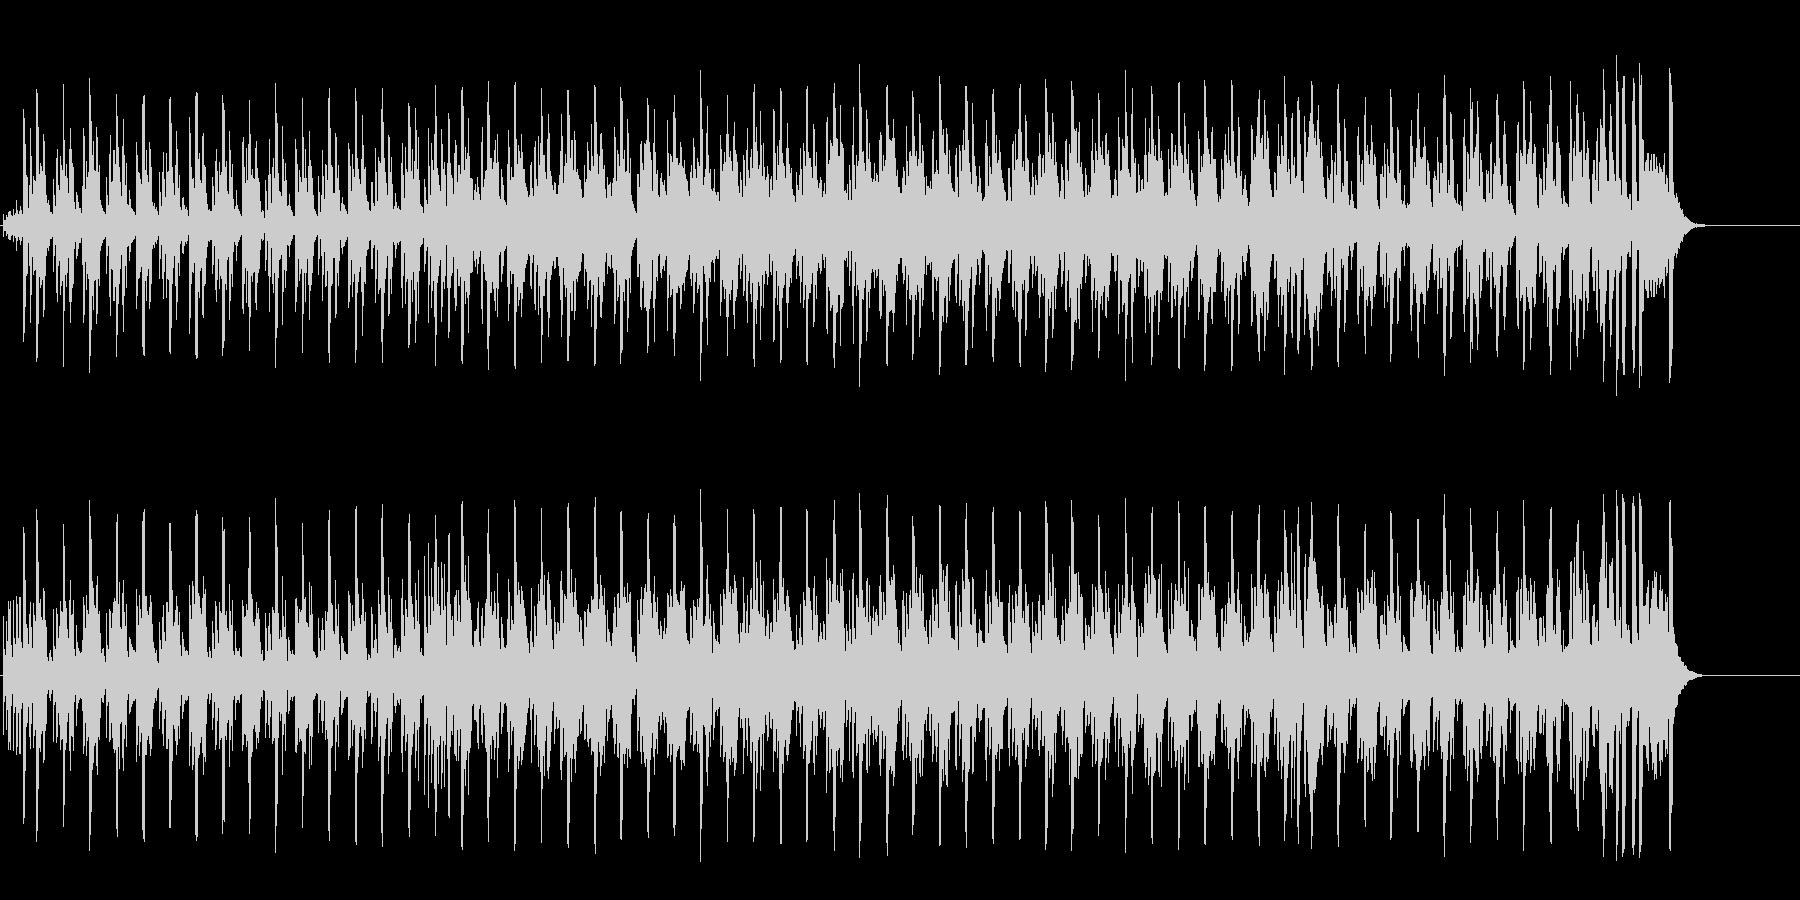 陽気な南国ムードののどかなレゲエポップの未再生の波形